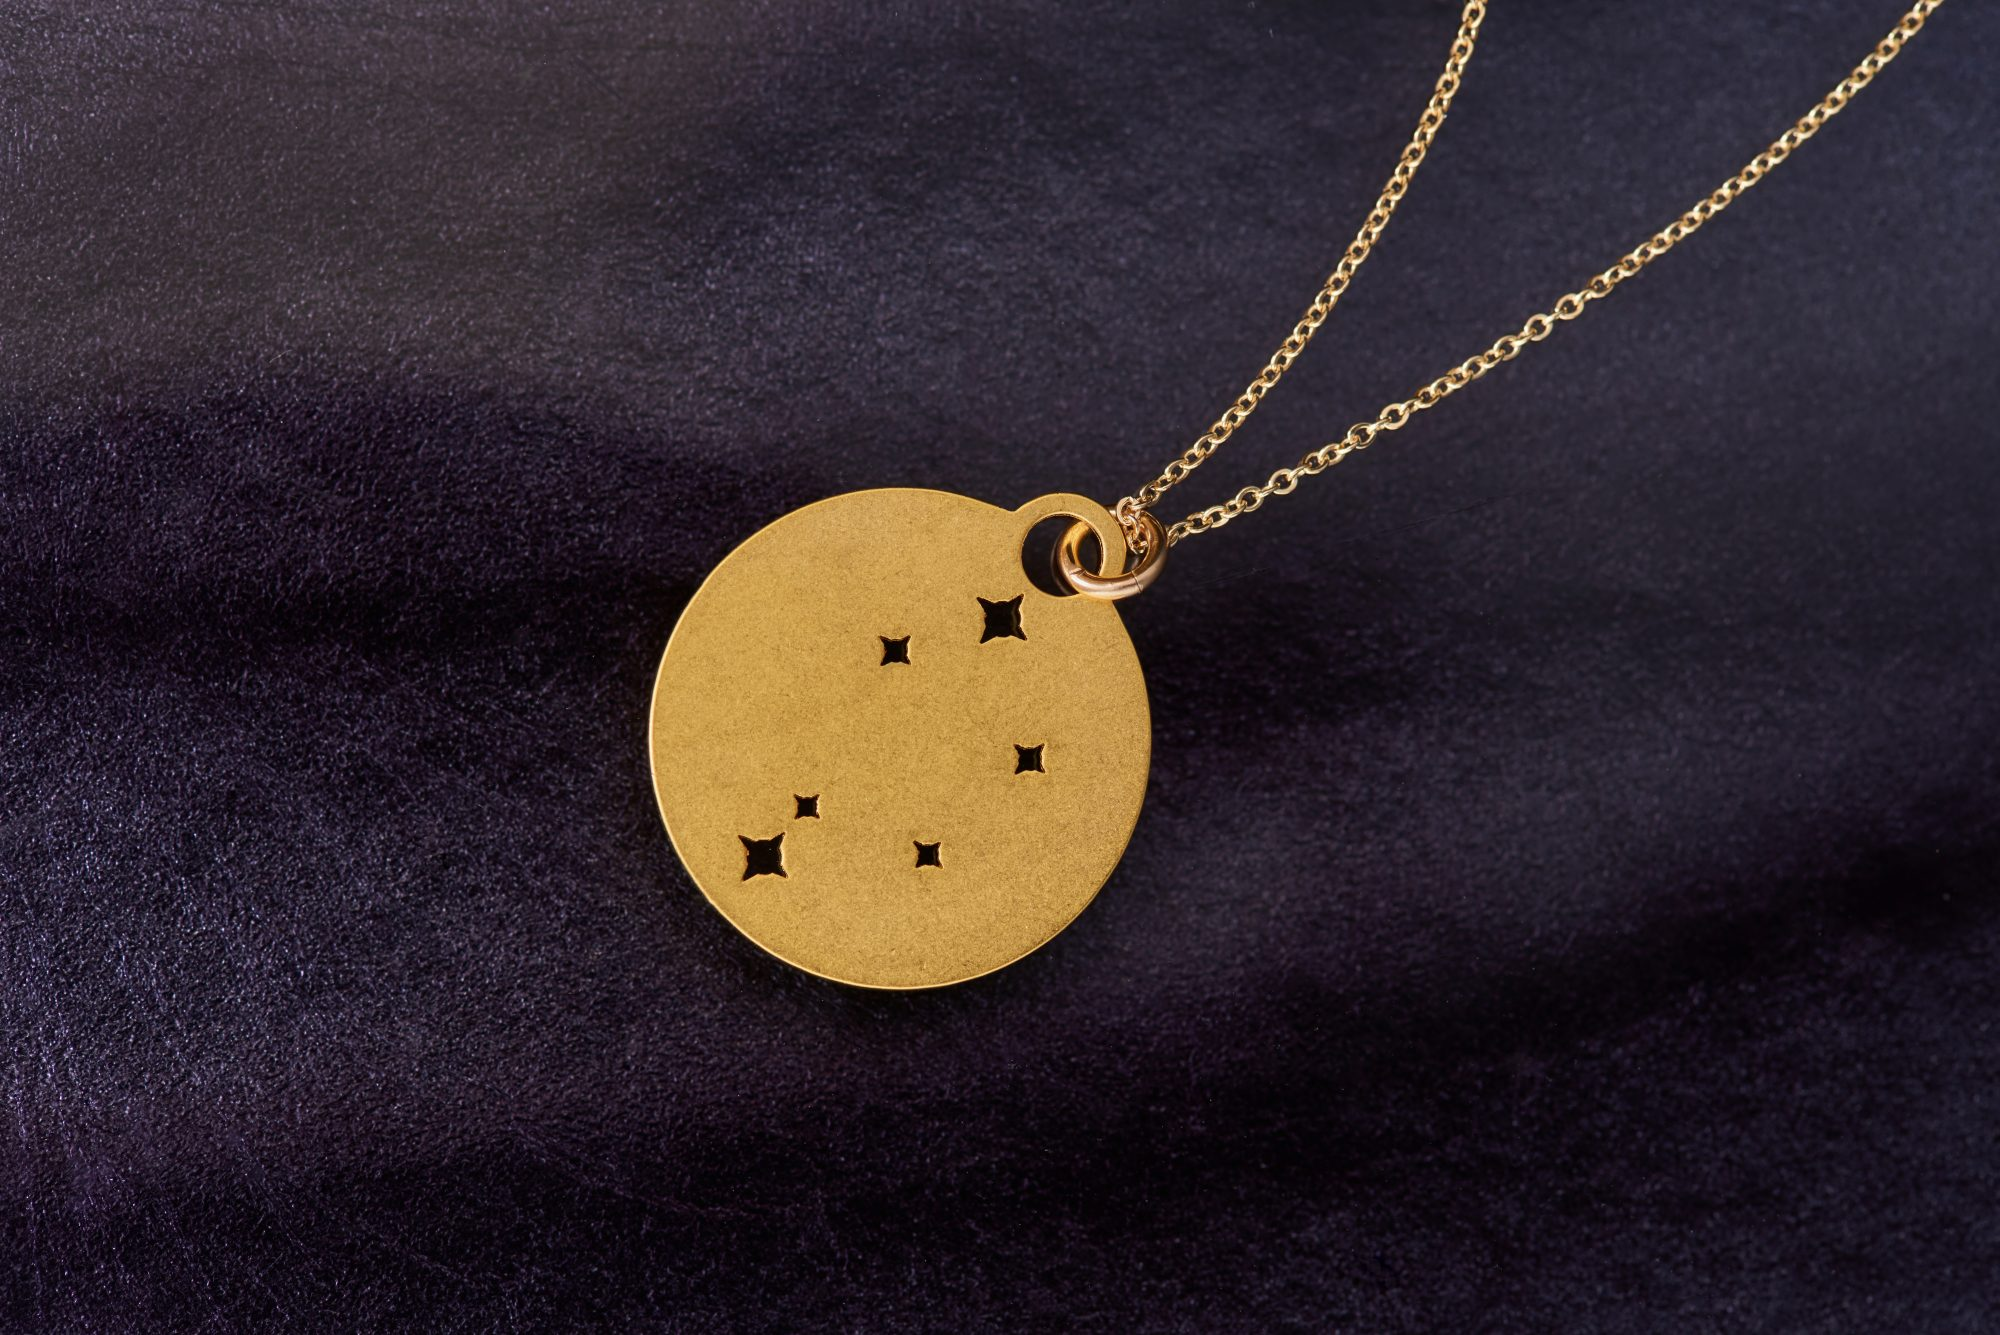 Constellation necklace, Metwalworks